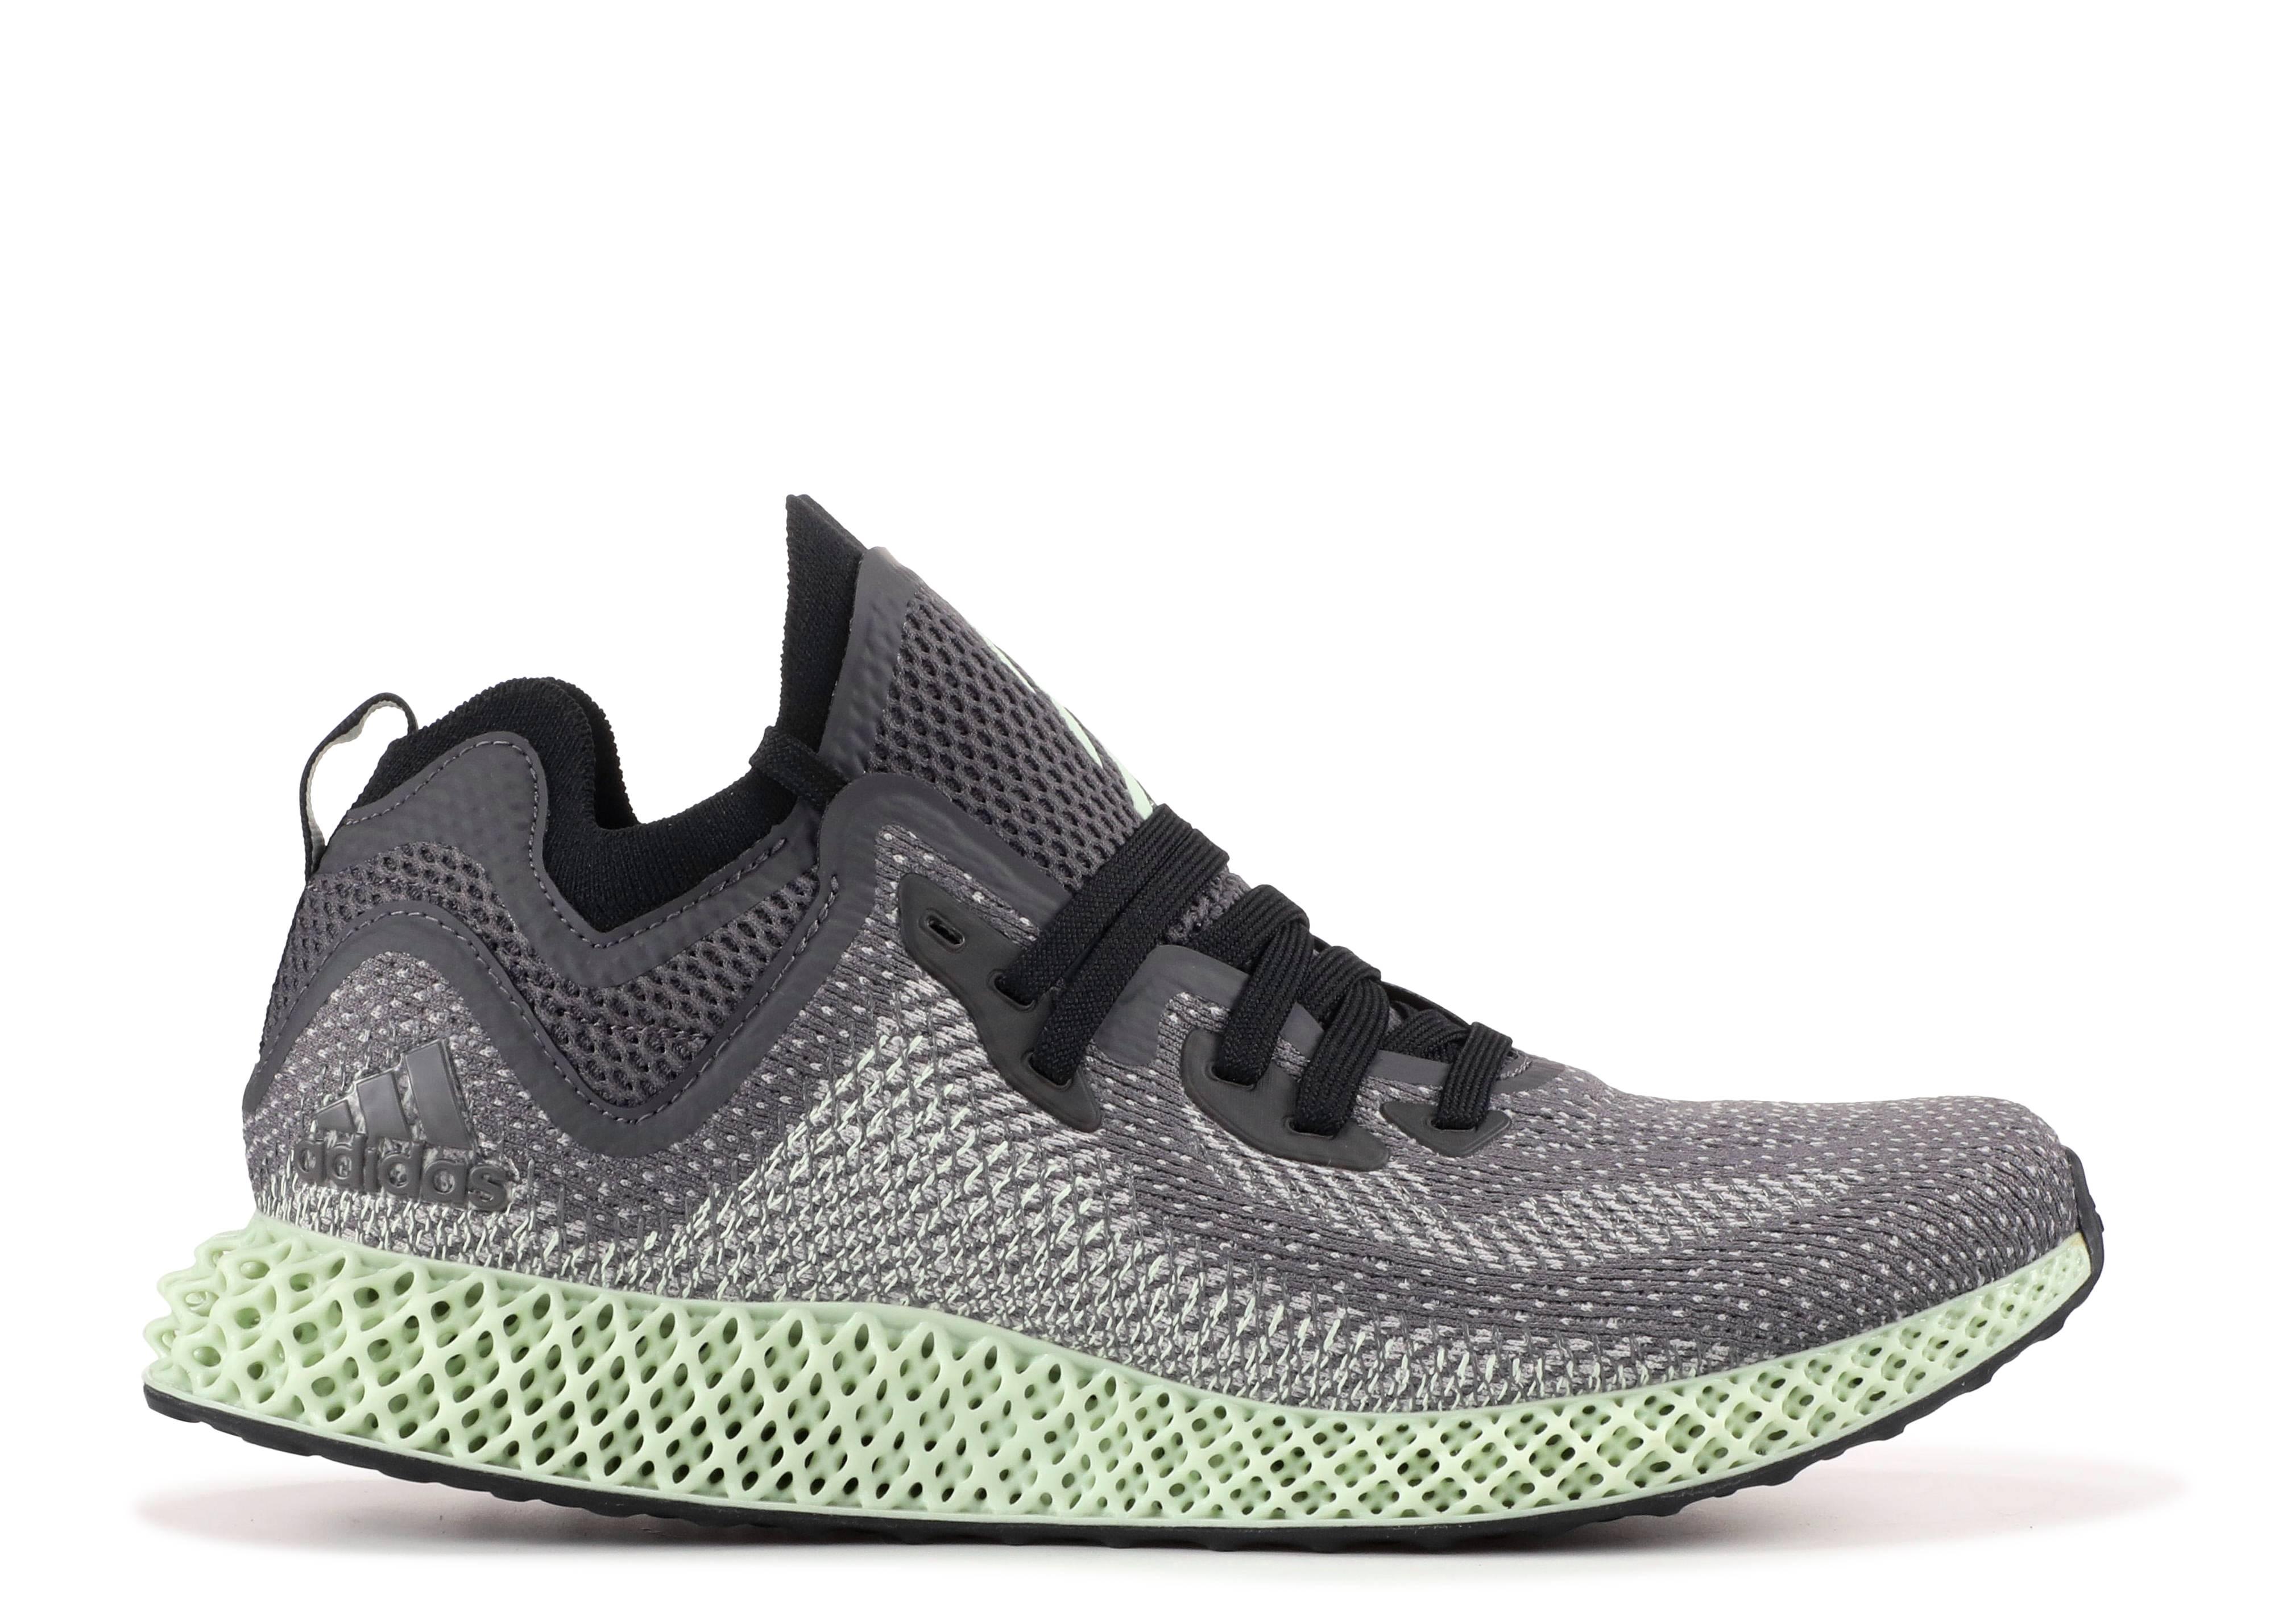 adidas AlphaEdge 4D Ash Green